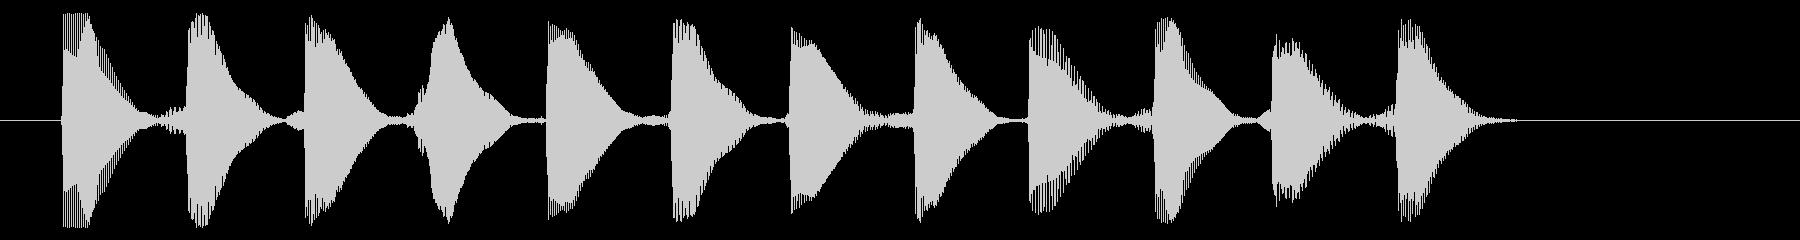 8ビット風システム音-16-2_dryの未再生の波形